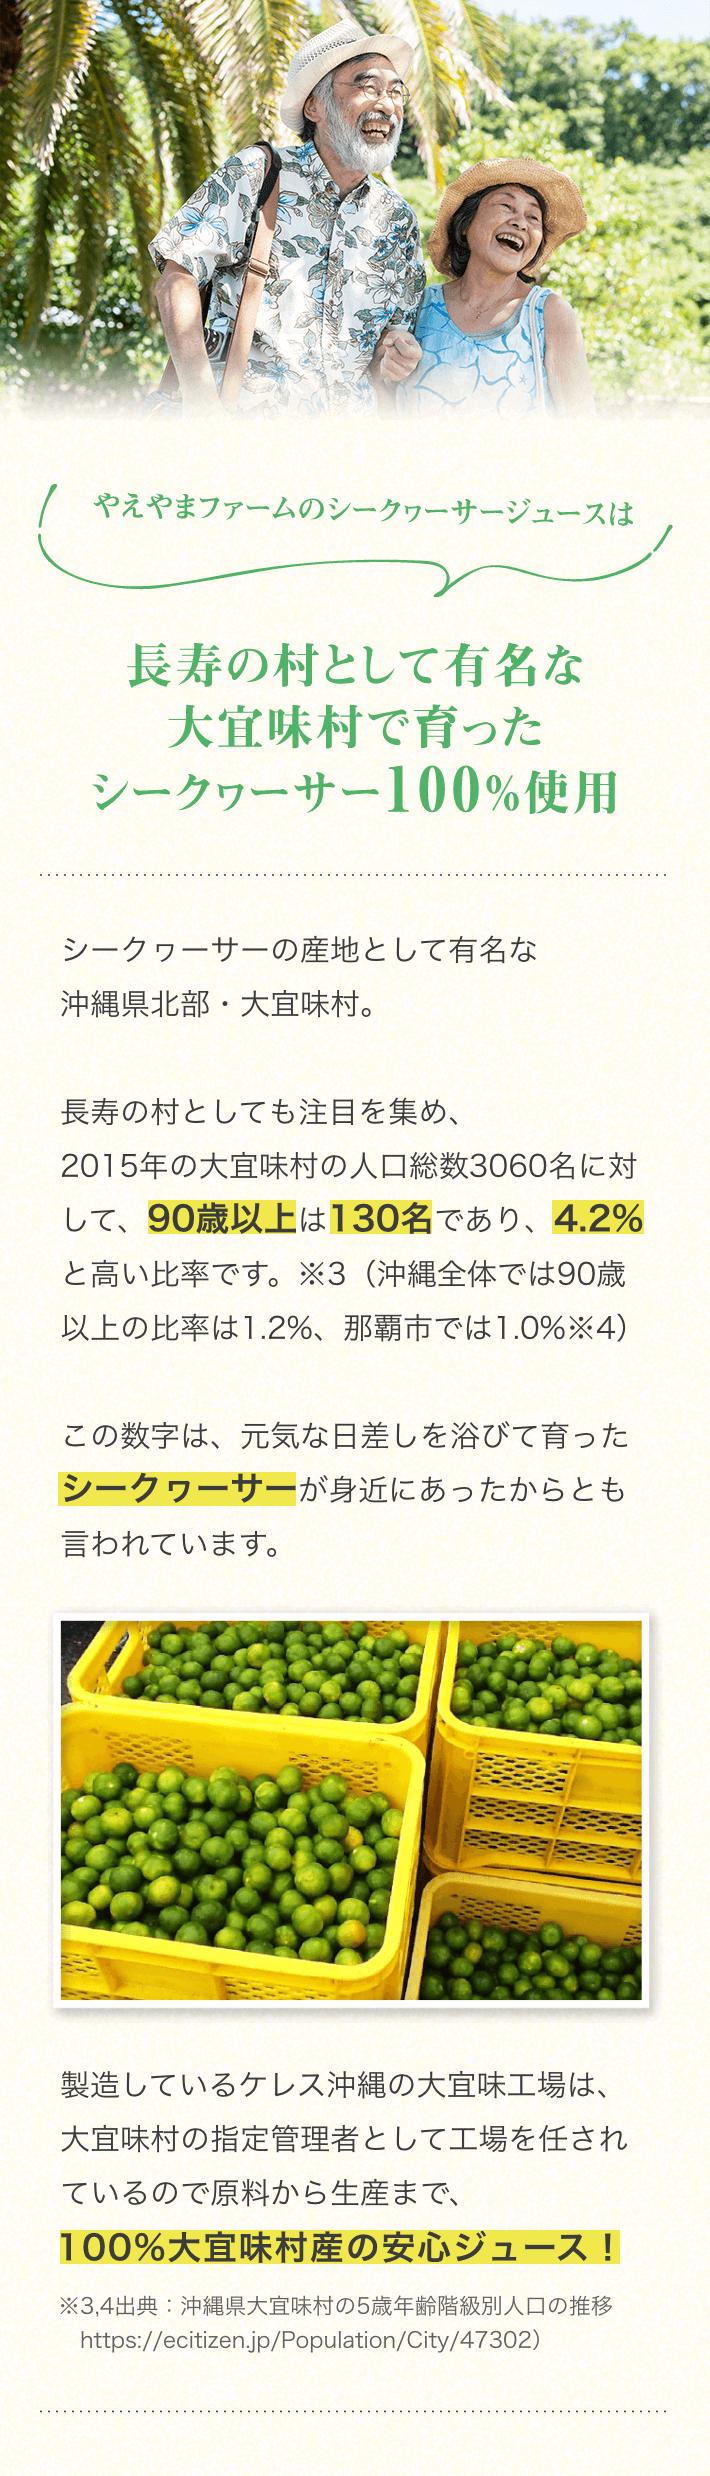 やえやまファームのシークヮーサージュースは長寿の村として有名な大宜味村で育ったシークヮーサーを100%使用 シークヮーサーの産地として有名な沖縄県北部・大宜味村。長寿の村としても注目を集め、2015年の大宜味村の人口総数3060名に対して、90歳以上は130名であり、4.2%と高い比率です。※3(沖縄全体では90歳以上の比率は1.2%、那覇市では1.0%。※4)この数字は、元気な日差しを浴びて育ったシークヮーサーが身近にあったからとも言われています。製造しているケレス沖縄の大宜見工場は、大宜味村の指定管理者として工場を任されているので、原料から生産まで100%大宜味村産の安心ジュース!※3,4出典:沖縄県大宜味村の5歳年齢階級別人口の推移(https://ecitizen.jp/Population/City/47302)